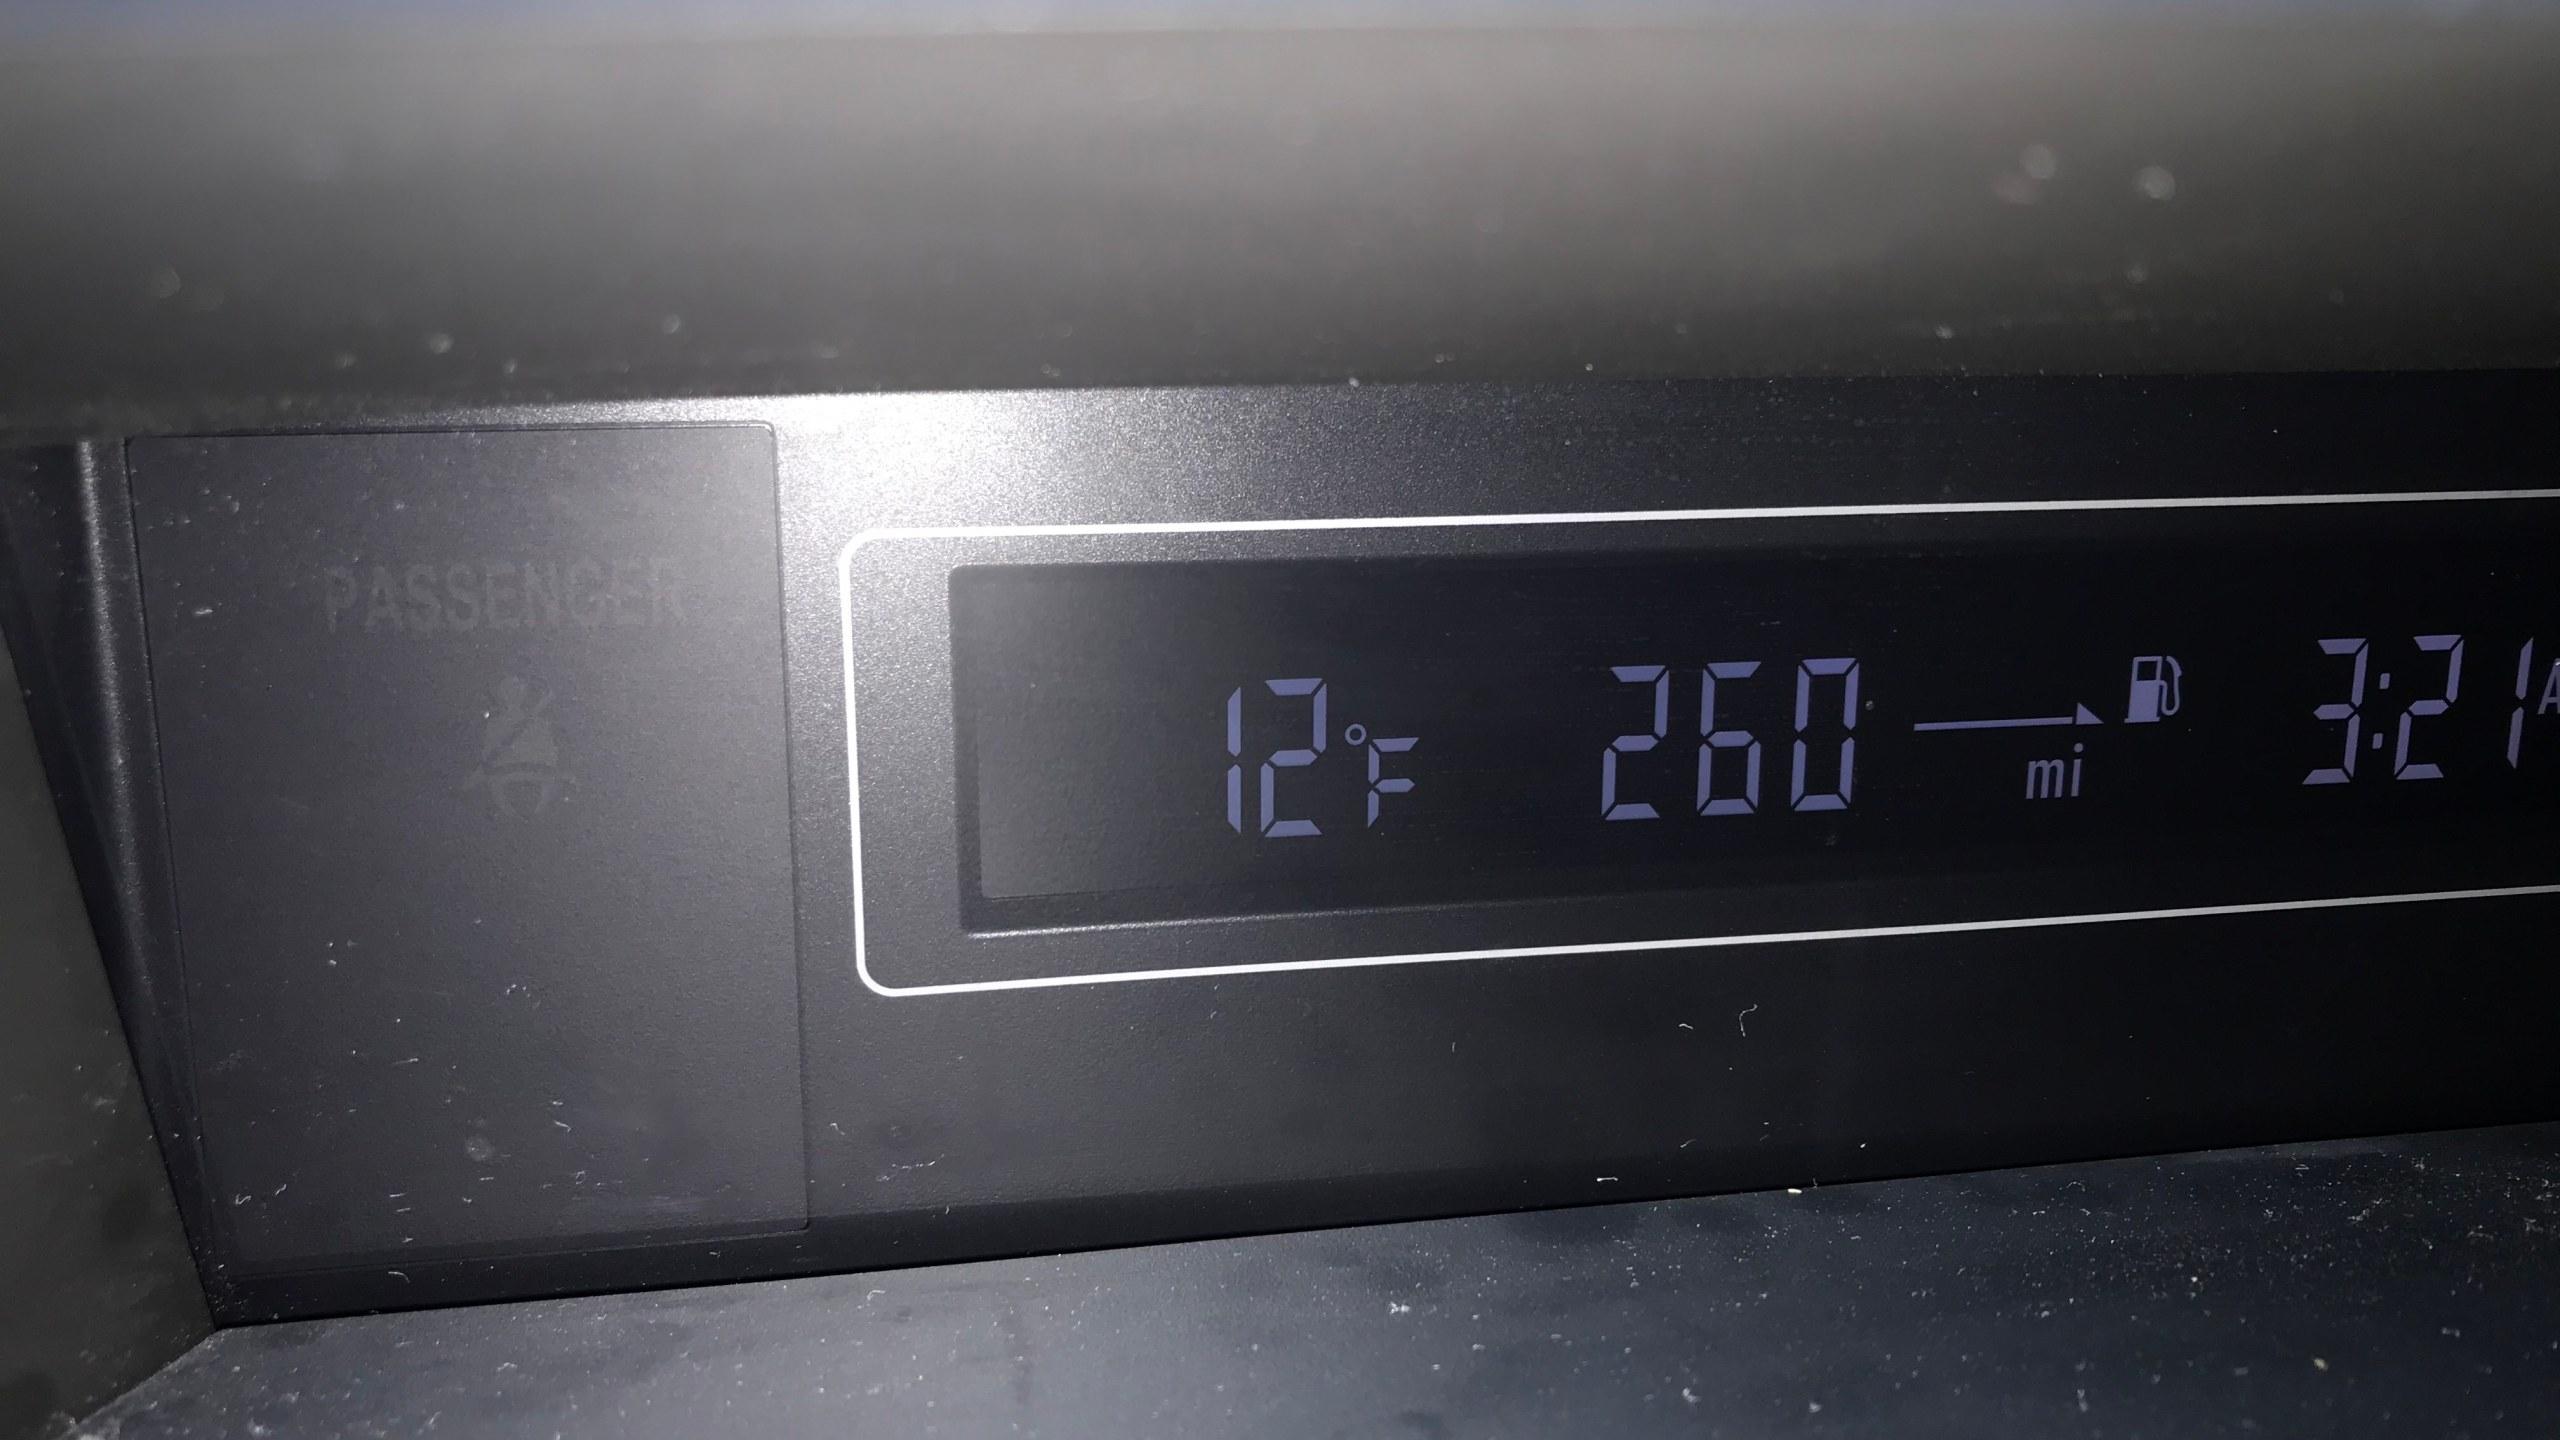 car temperature_1548685208068.png.jpg